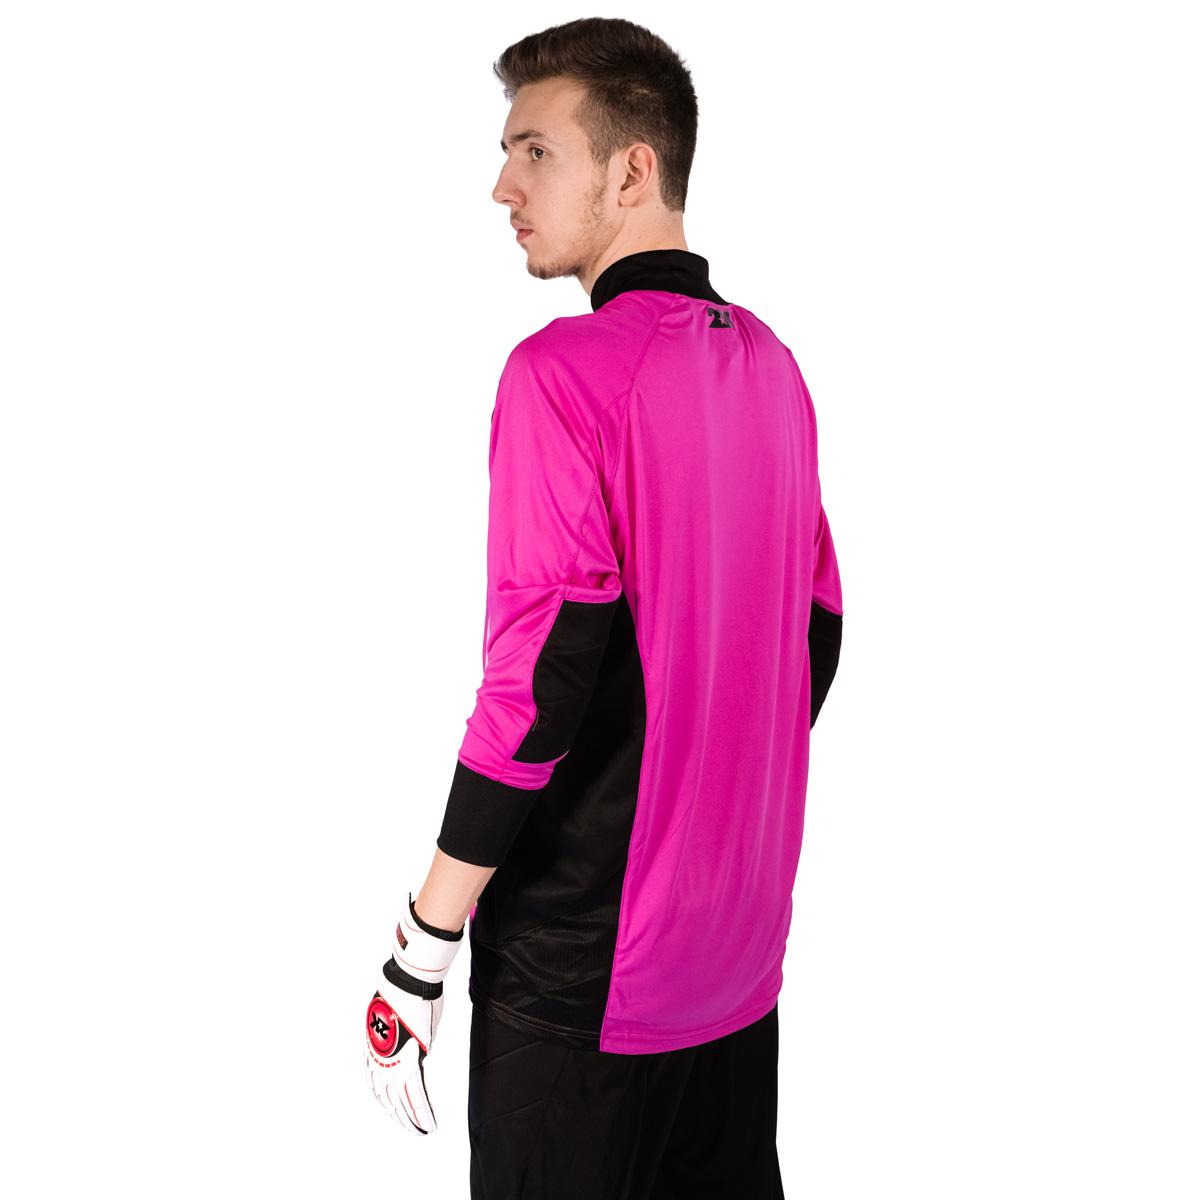 Джемпер вратарский 2K Sport Guardian, цвет:  пурпурный, черный, серебристый.  120437.  Размер XS (44) 2K Sport